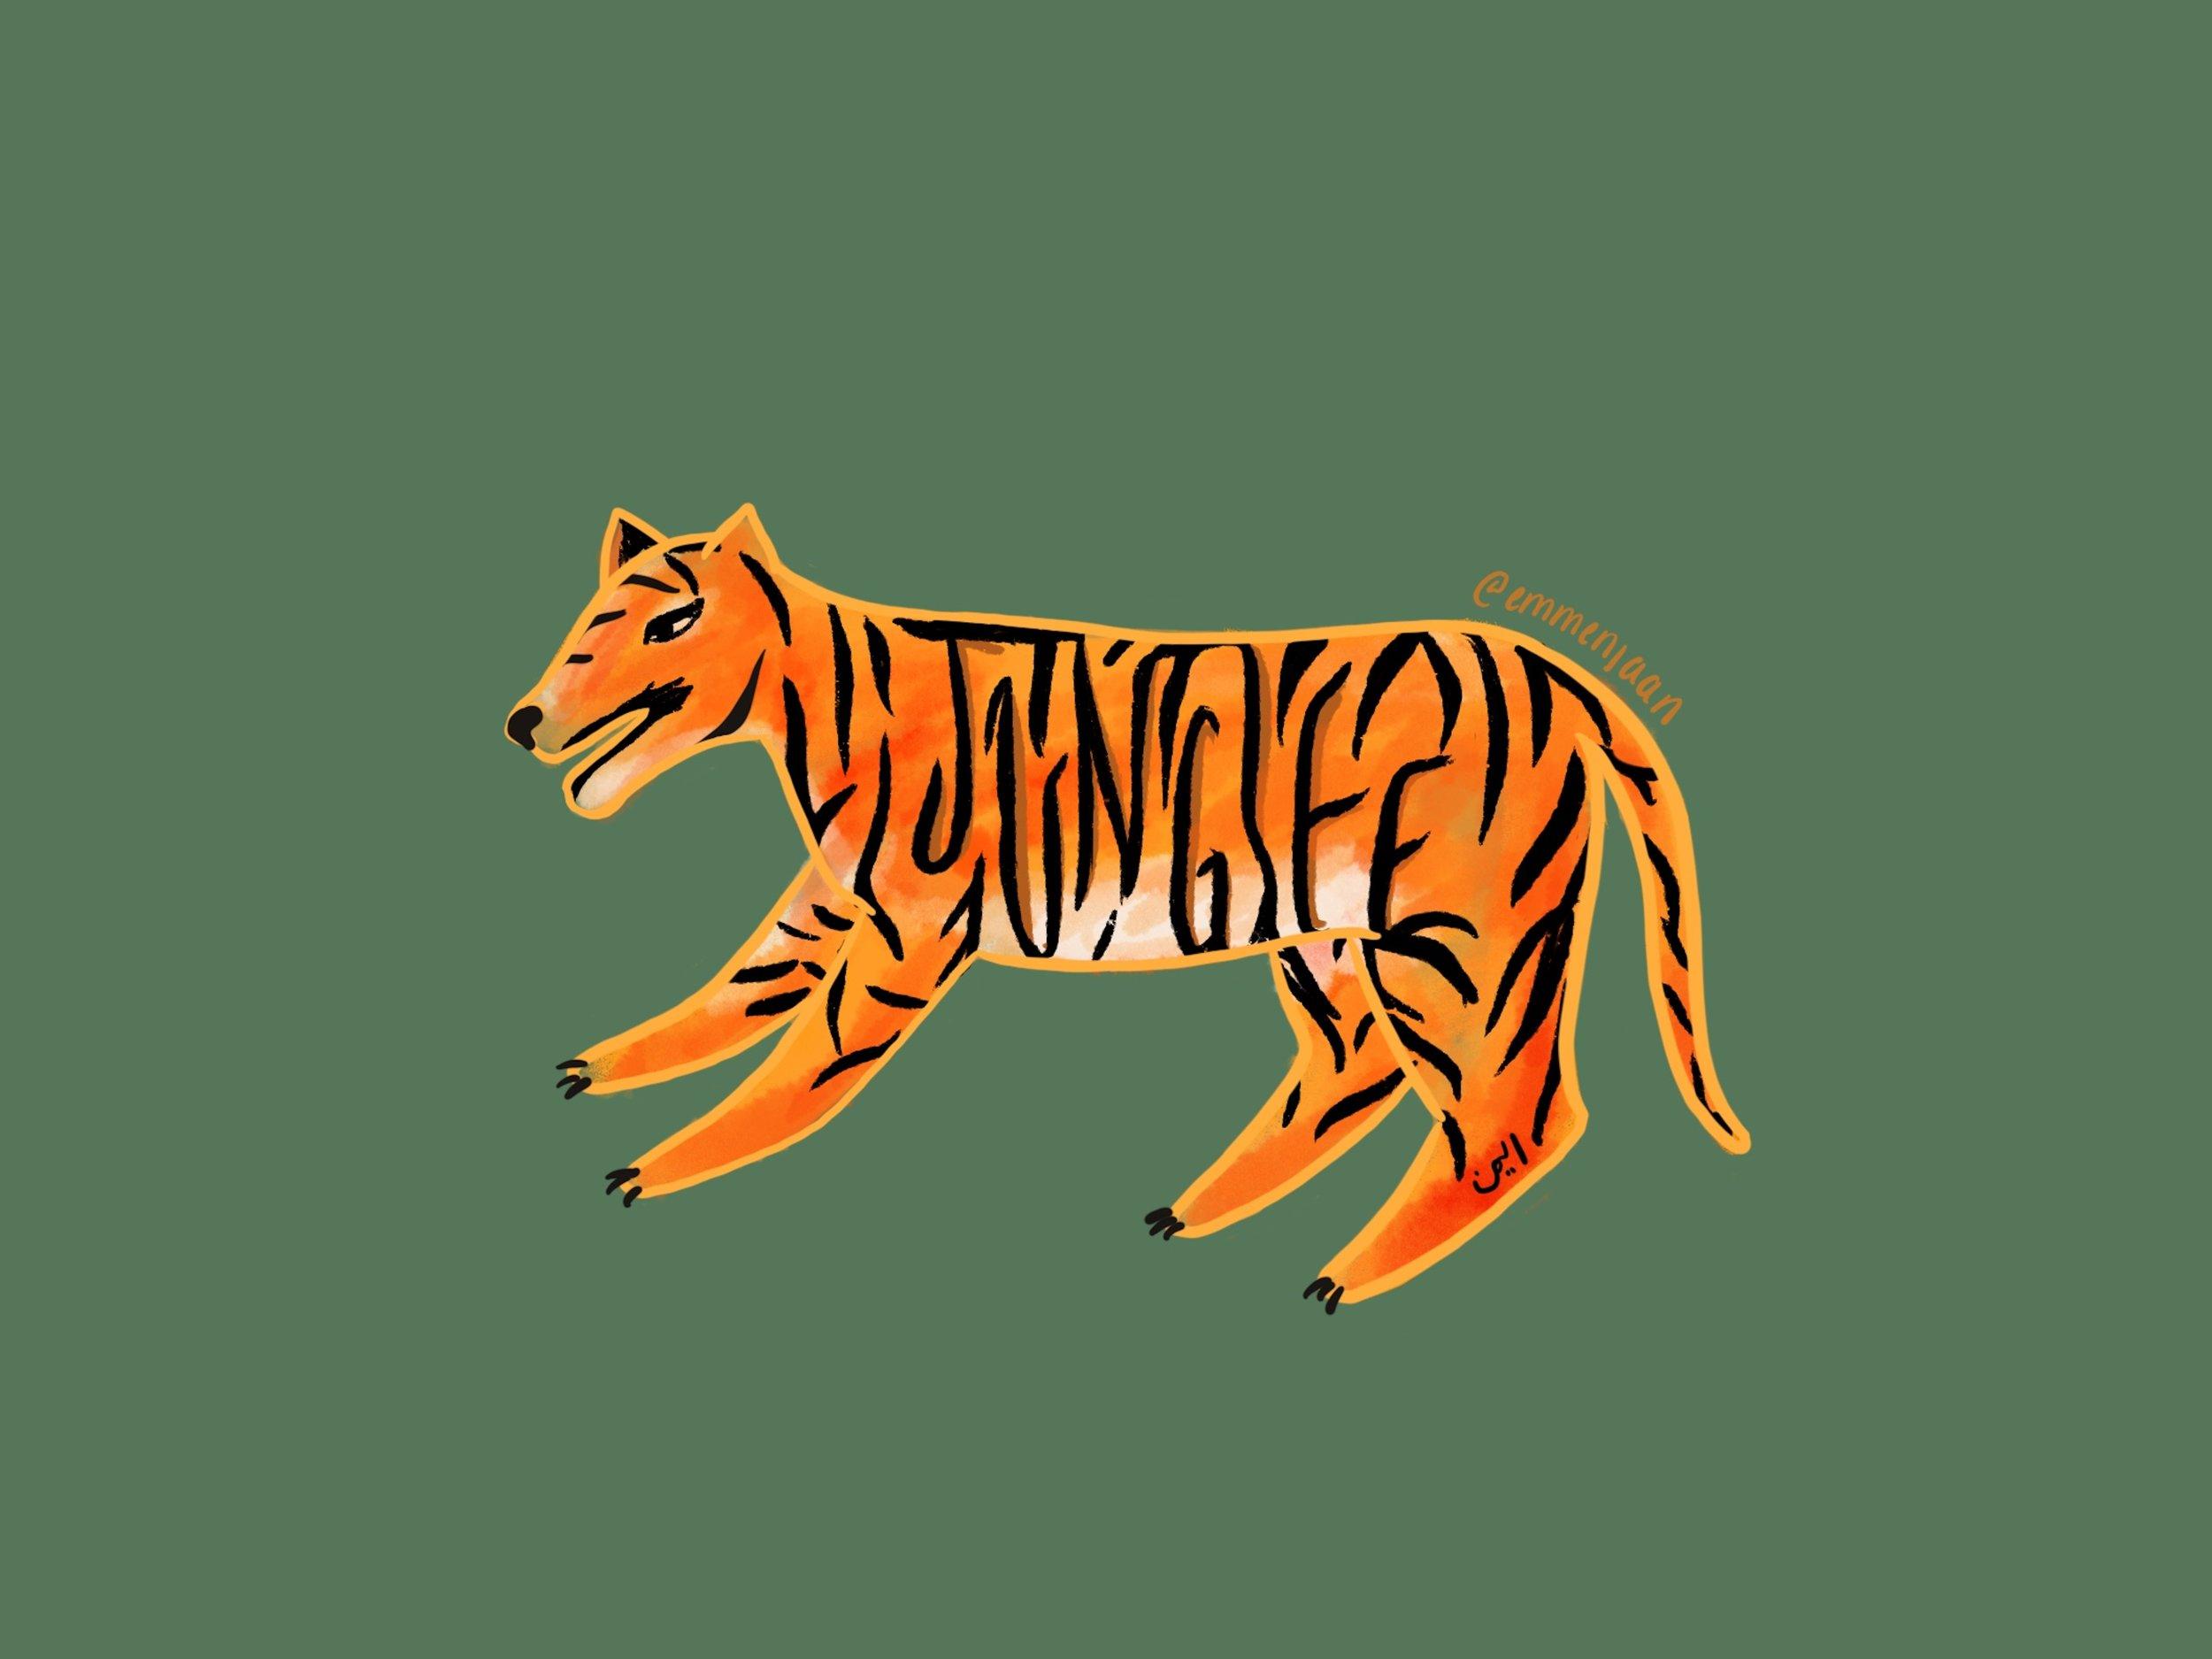 Junglee copy.JPG